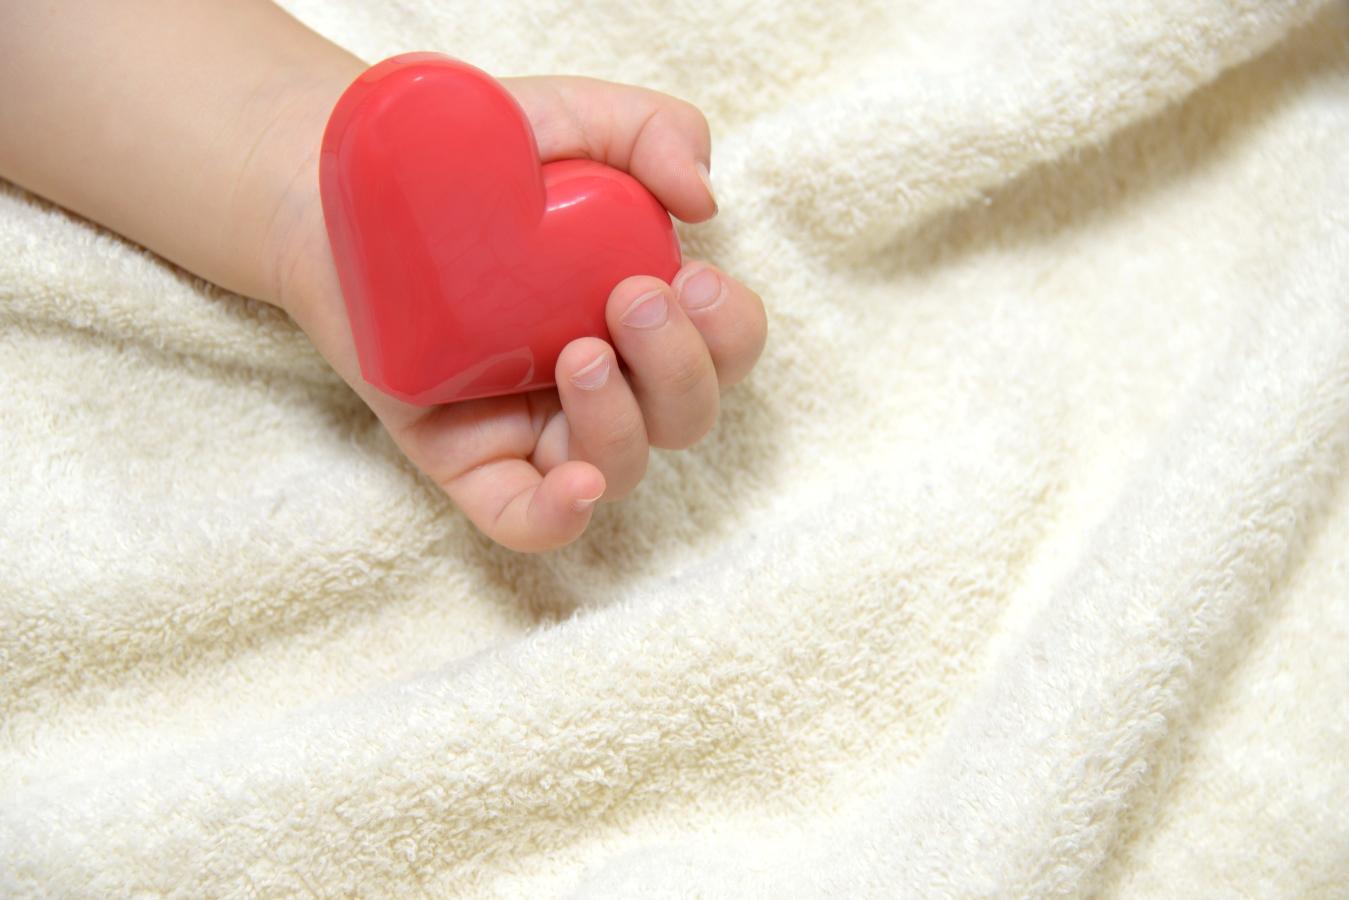 baby-heart-in-hand